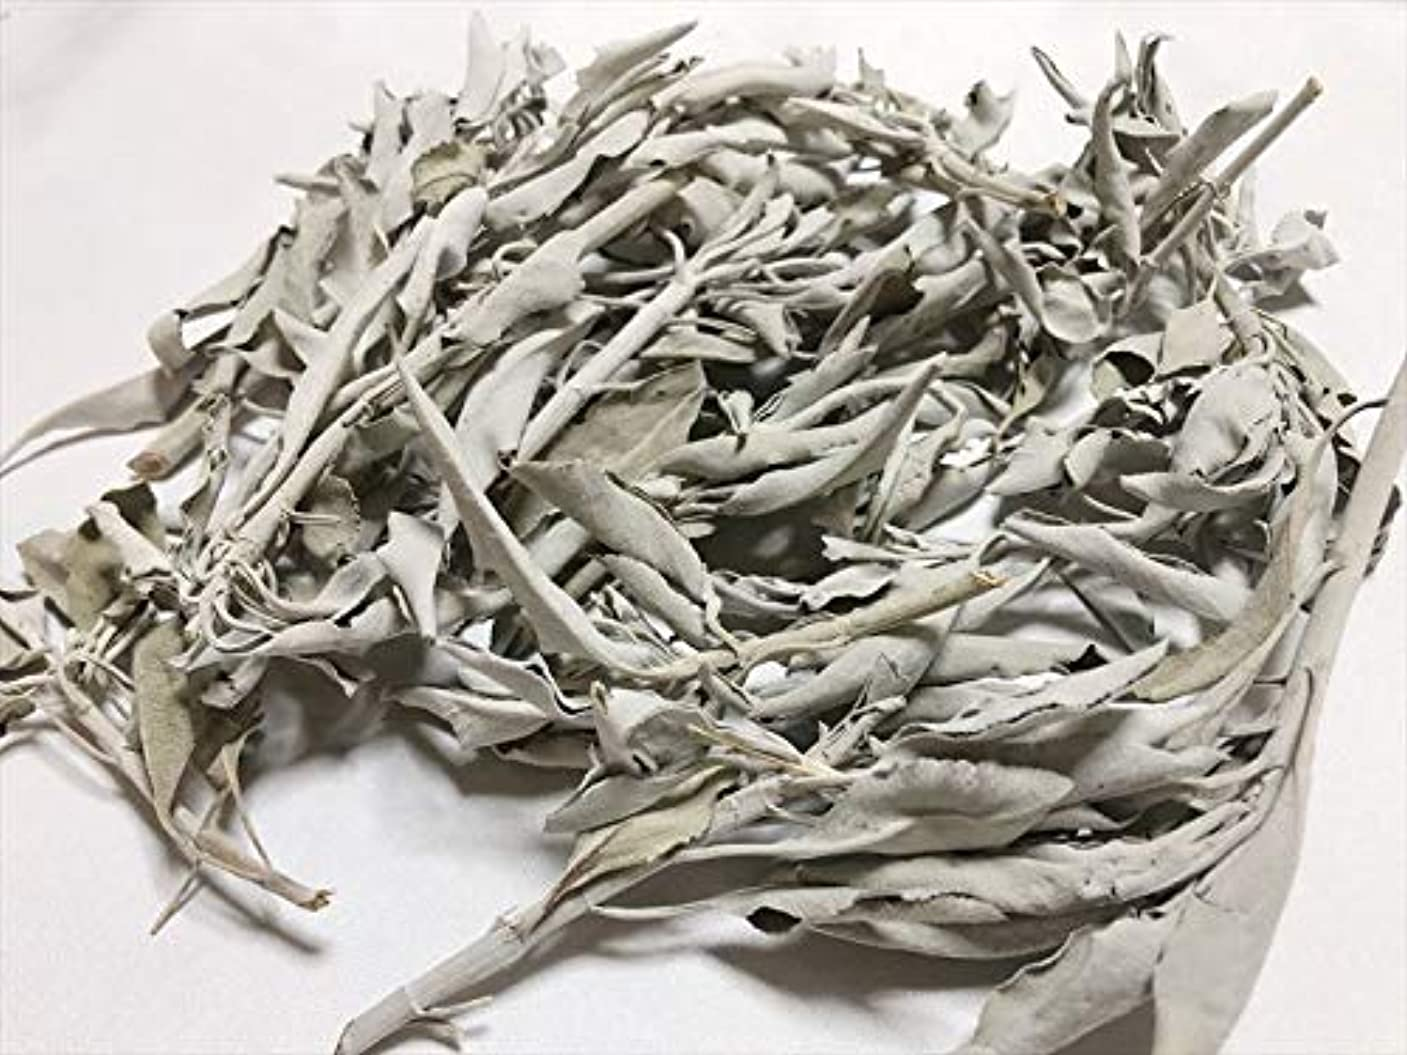 つぼみいま討論ホワイトセージ 100g 有機栽培 浄化 枝付き 完全密封 乾燥剤入り カリフォルニア産 お香 スピリチュア